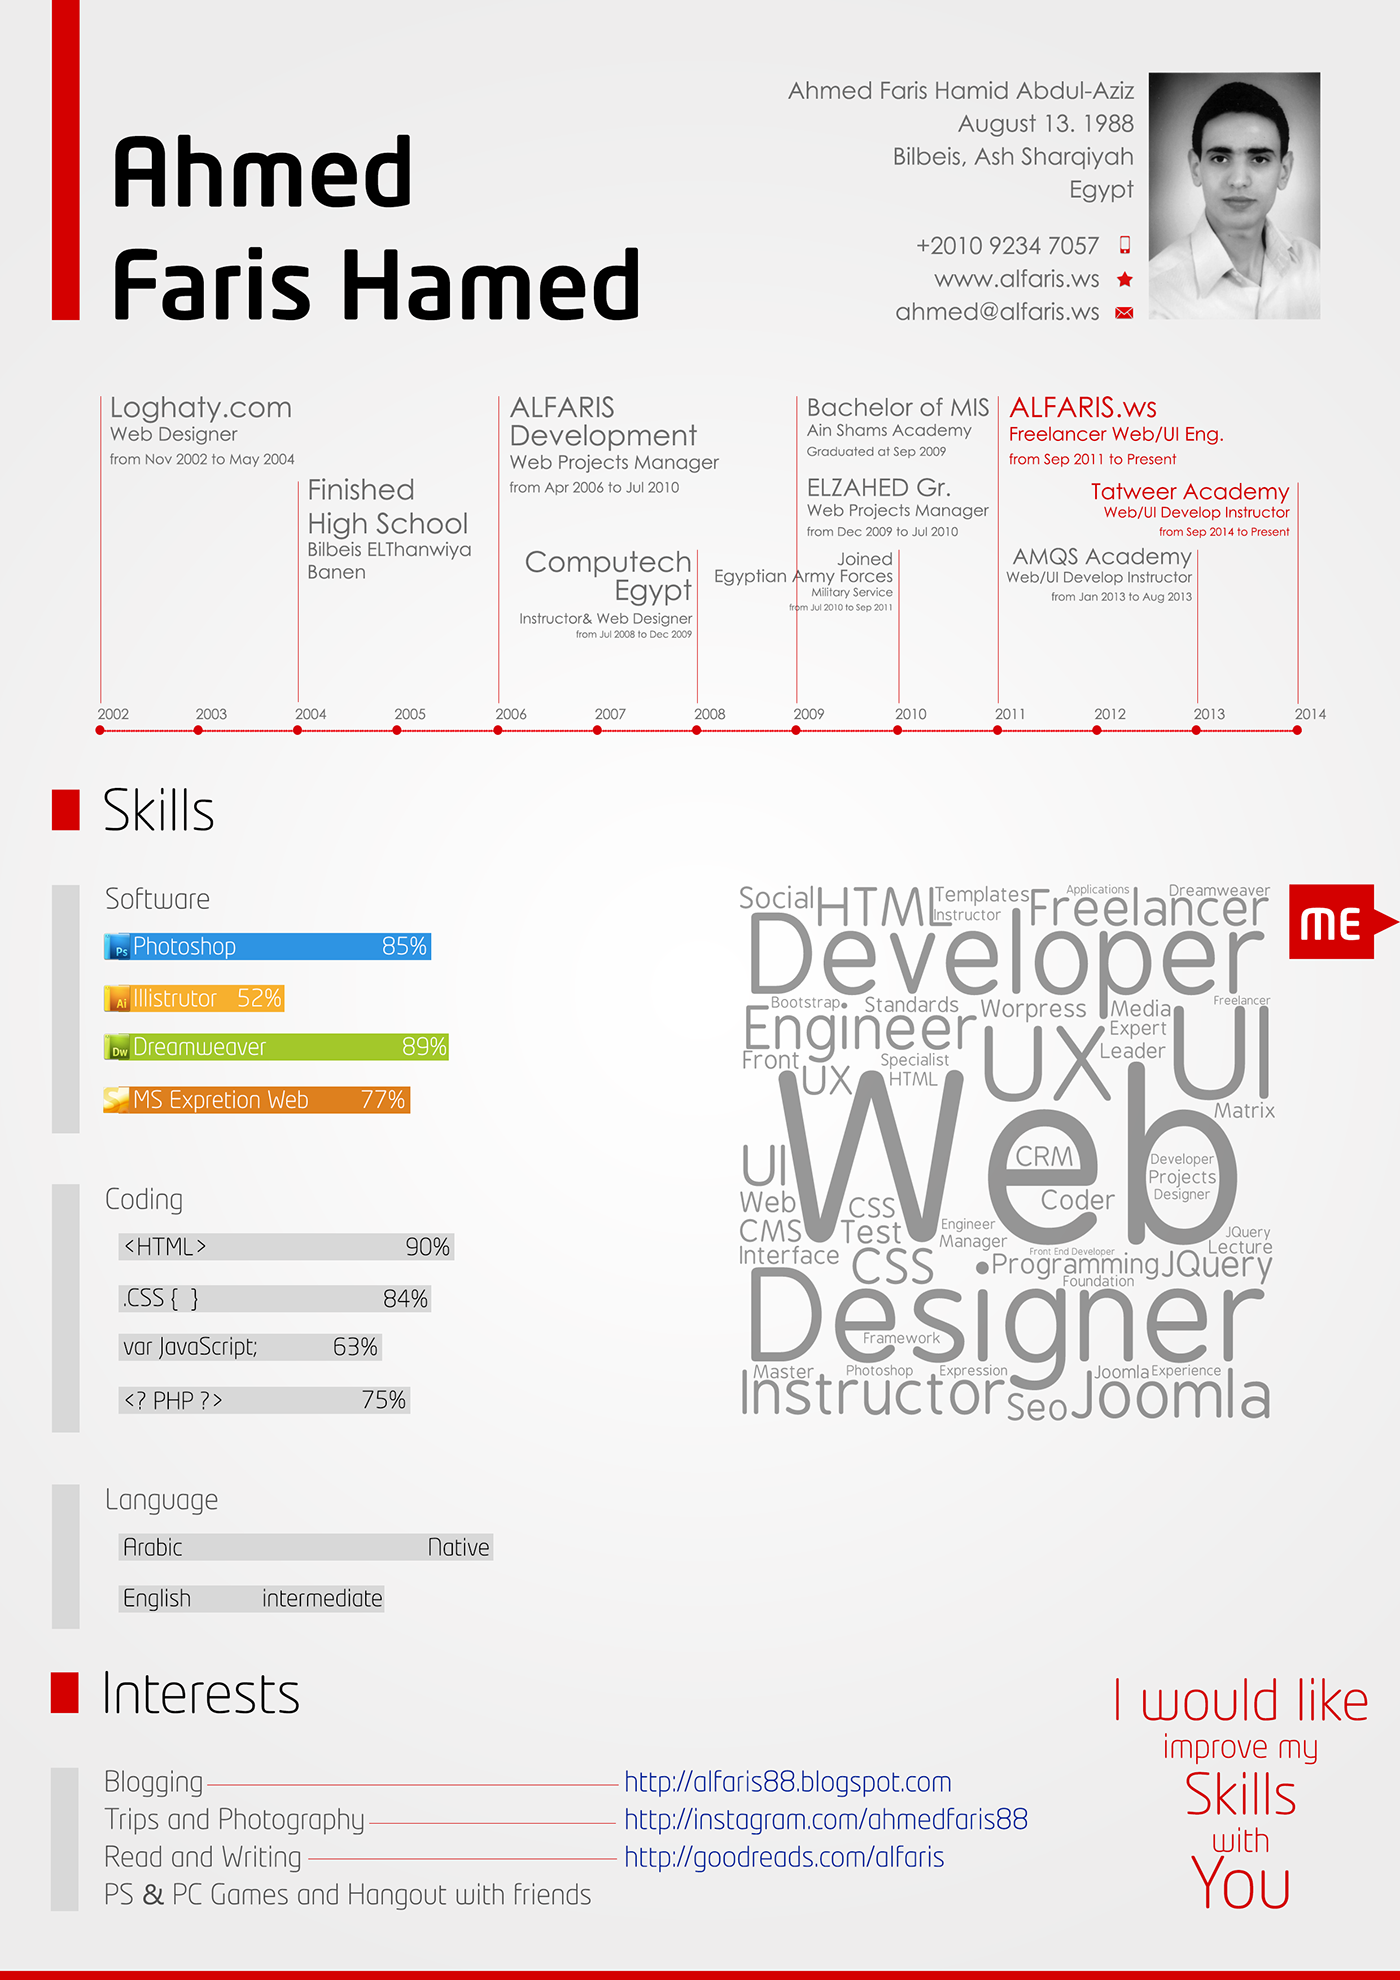 UI designer front end developer CV Resume freelancer Web designer UI Developer UX Designer web engineer